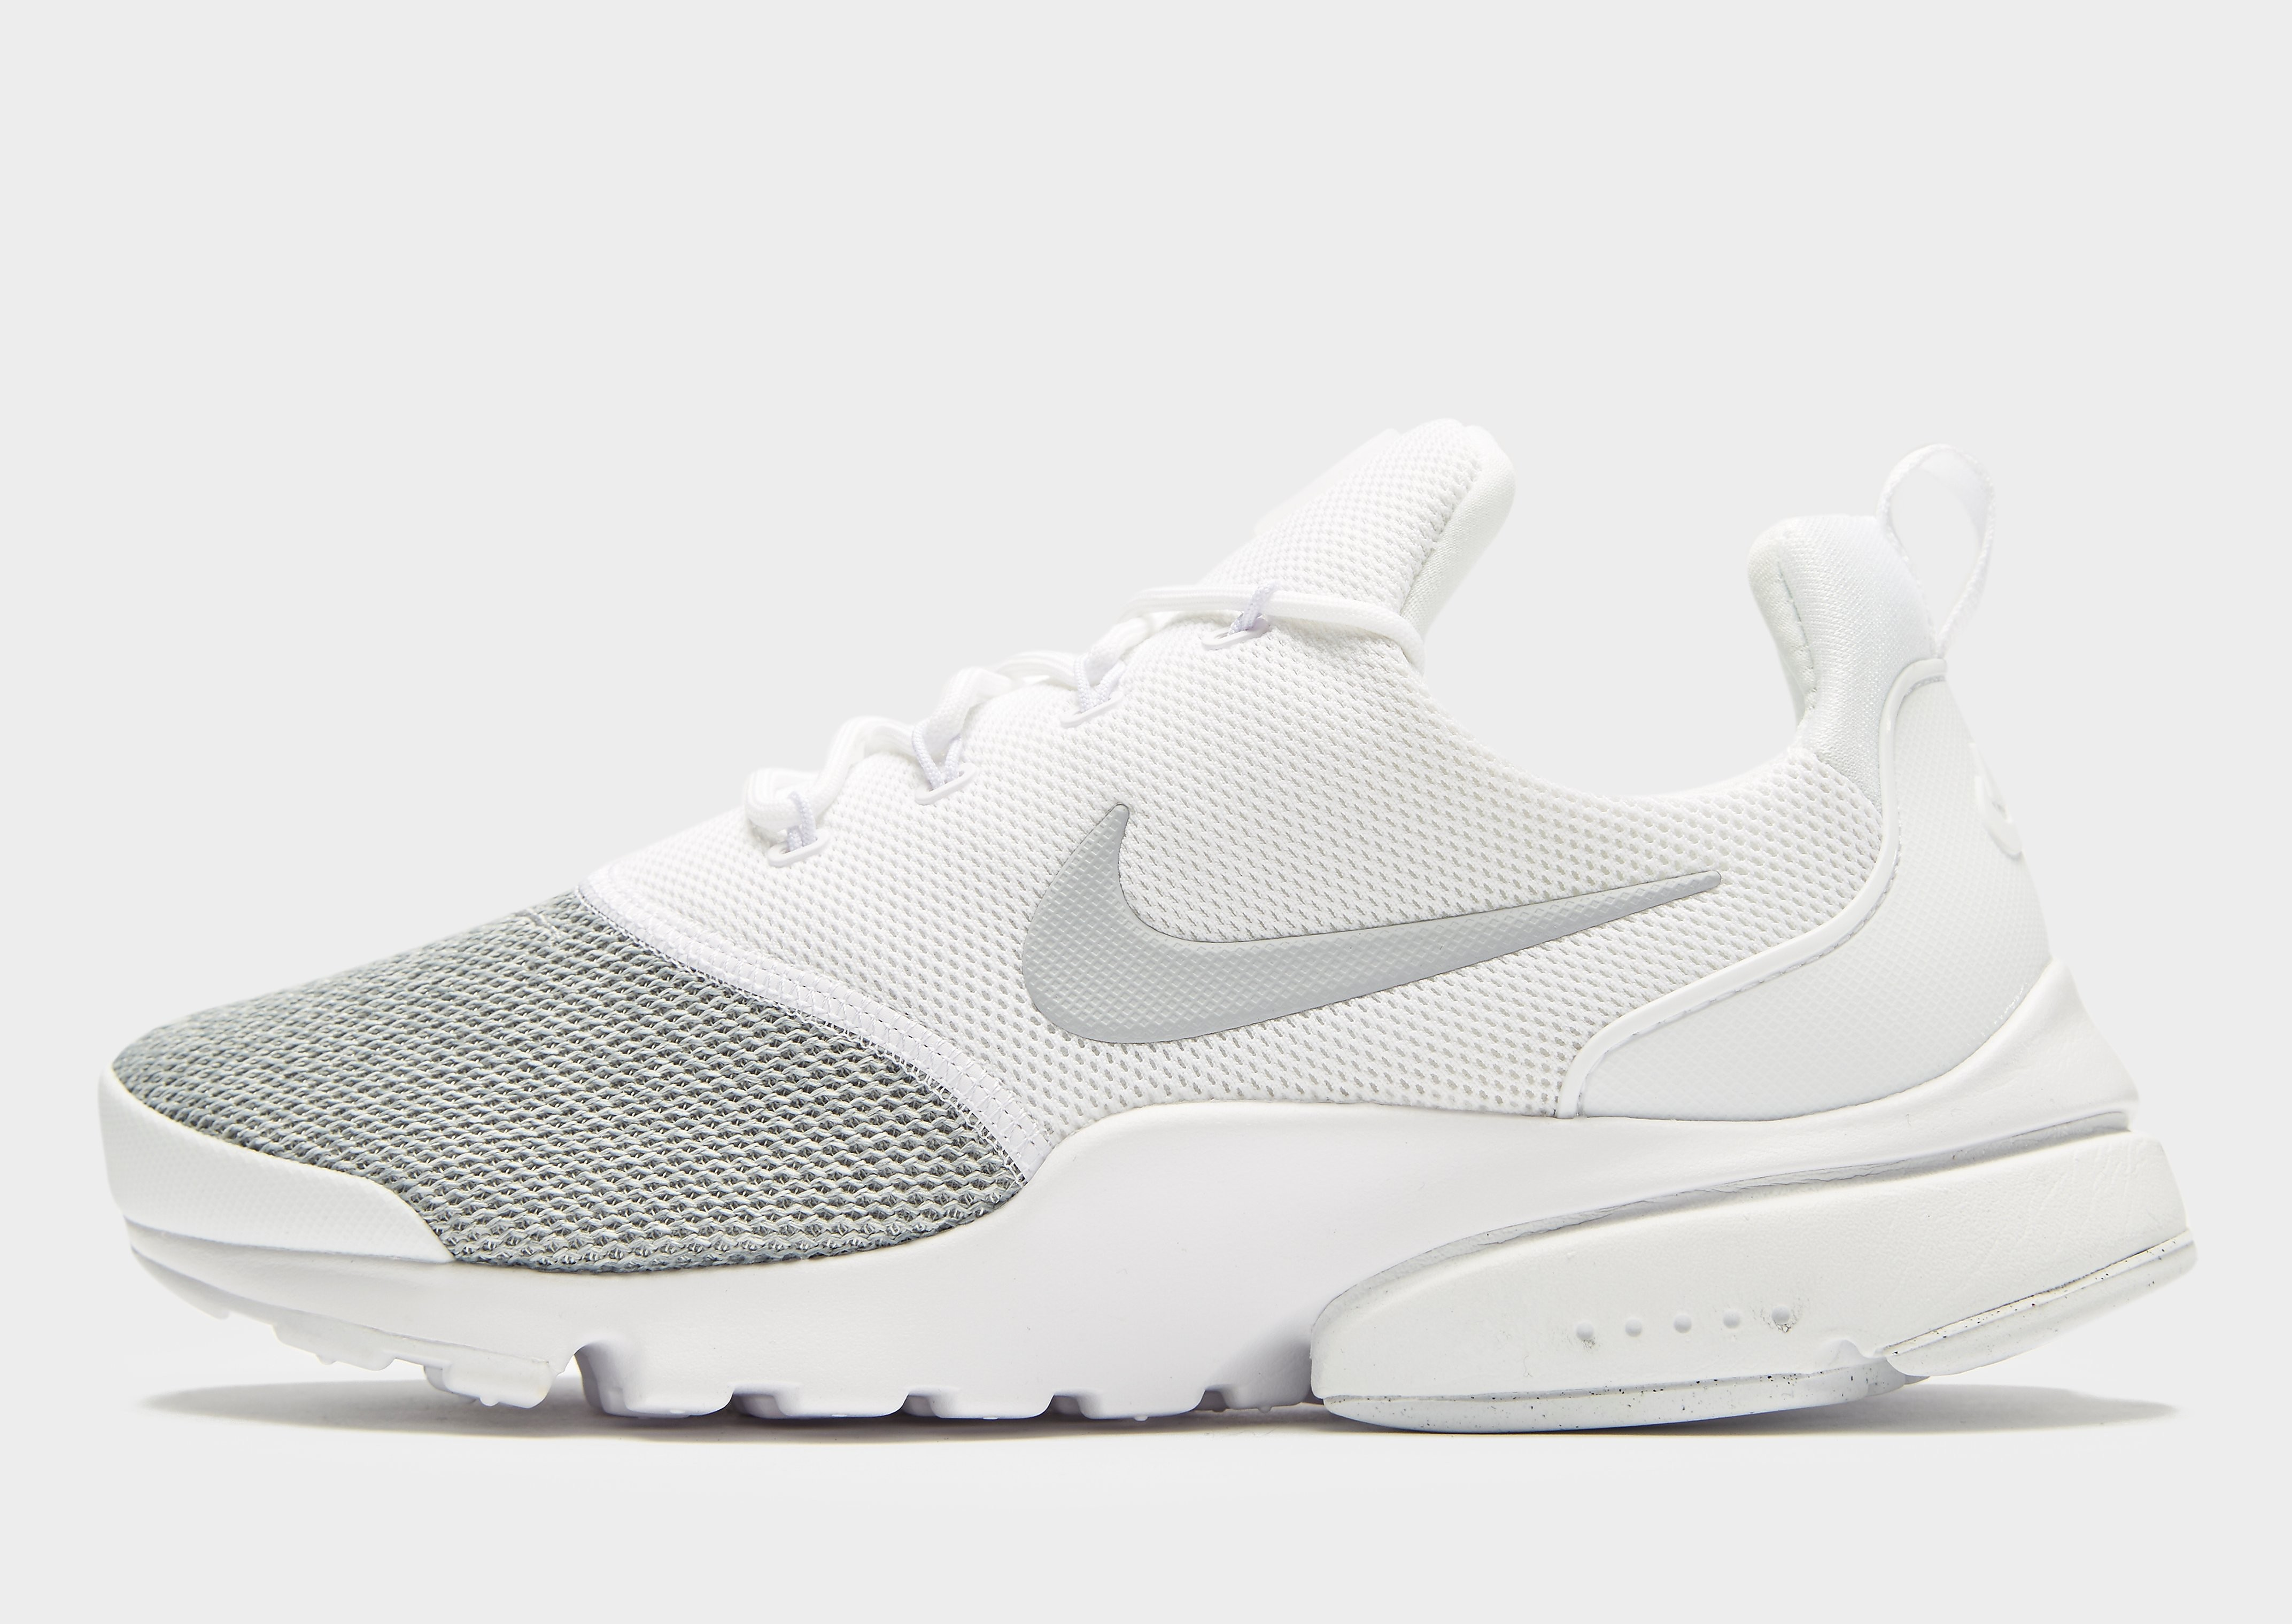 Nike Air Presto Fly SE Damen Weiß-Grau